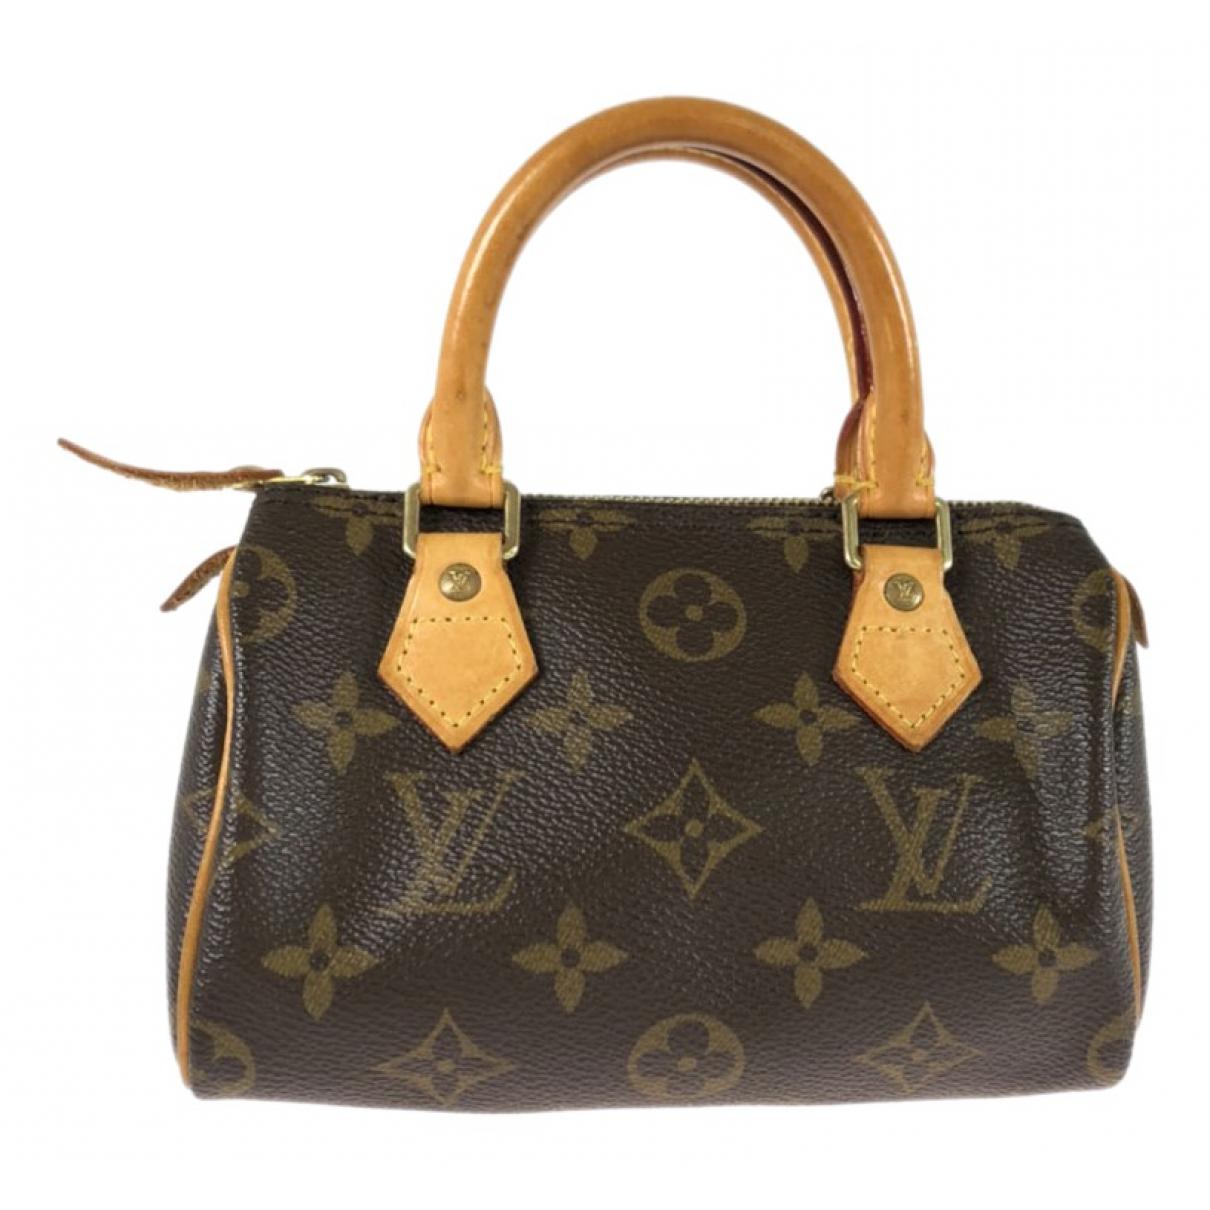 Louis Vuitton Nano Speedy / Mini HL Handtasche in  Braun Leinen